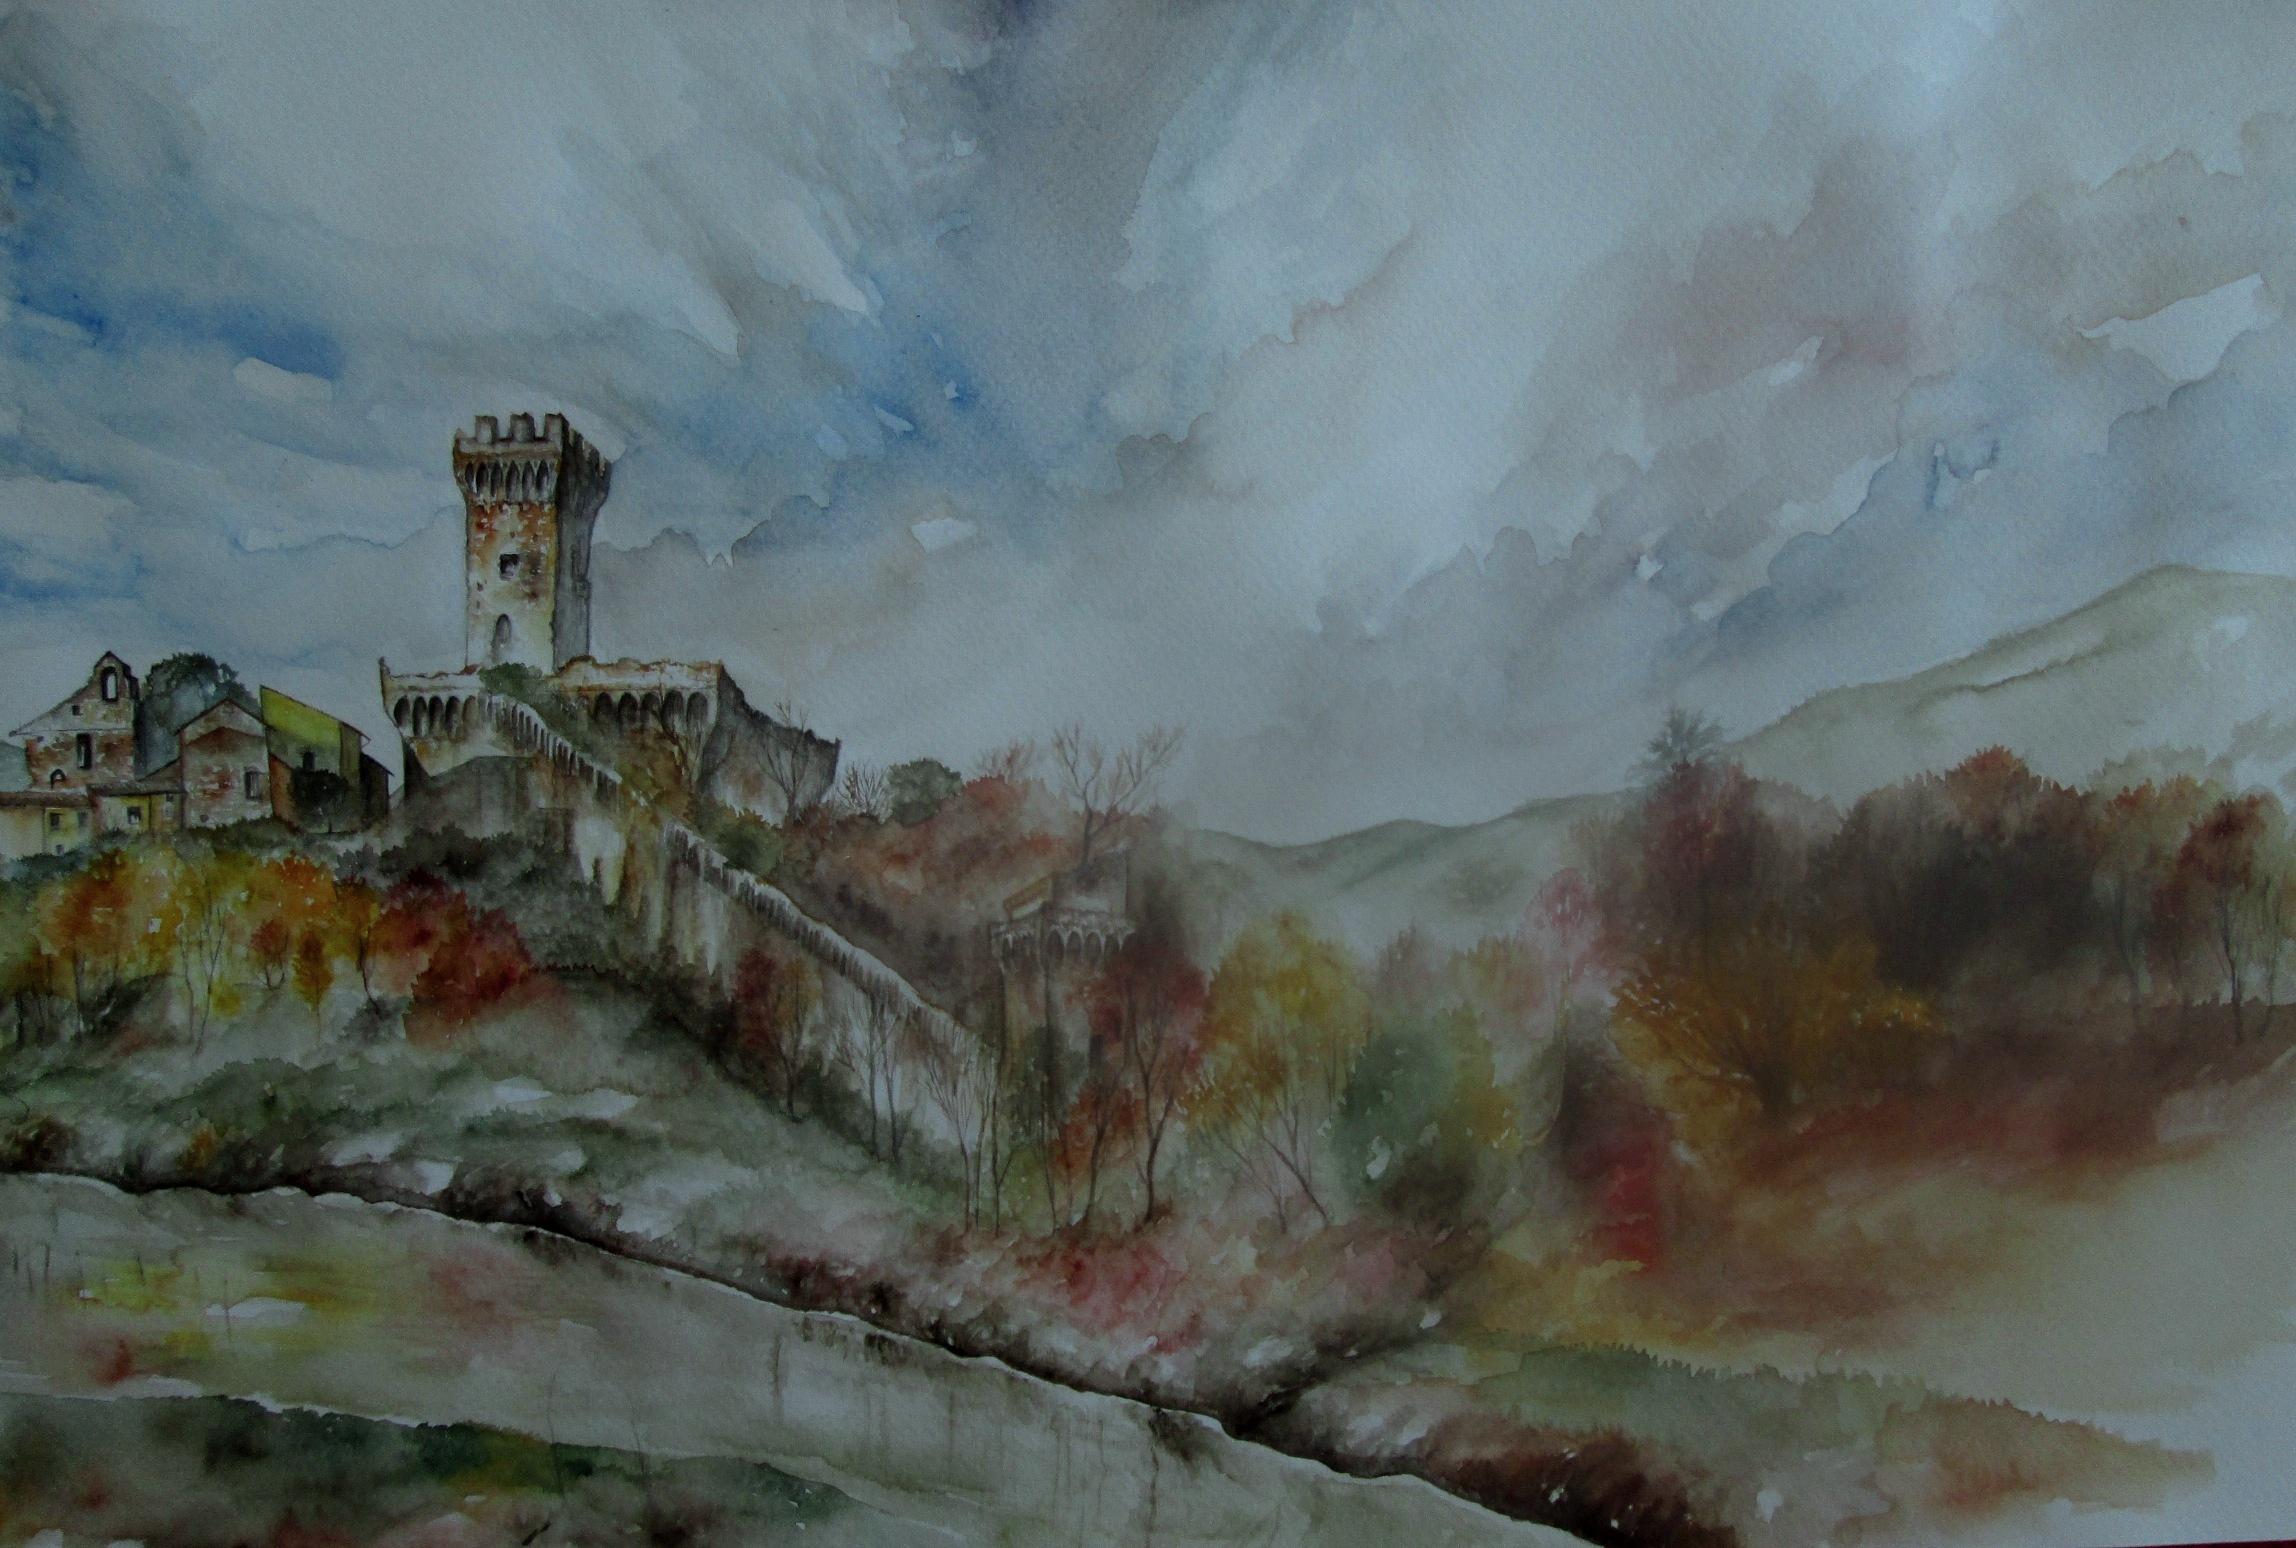 acquerello, 50x70 (2014)